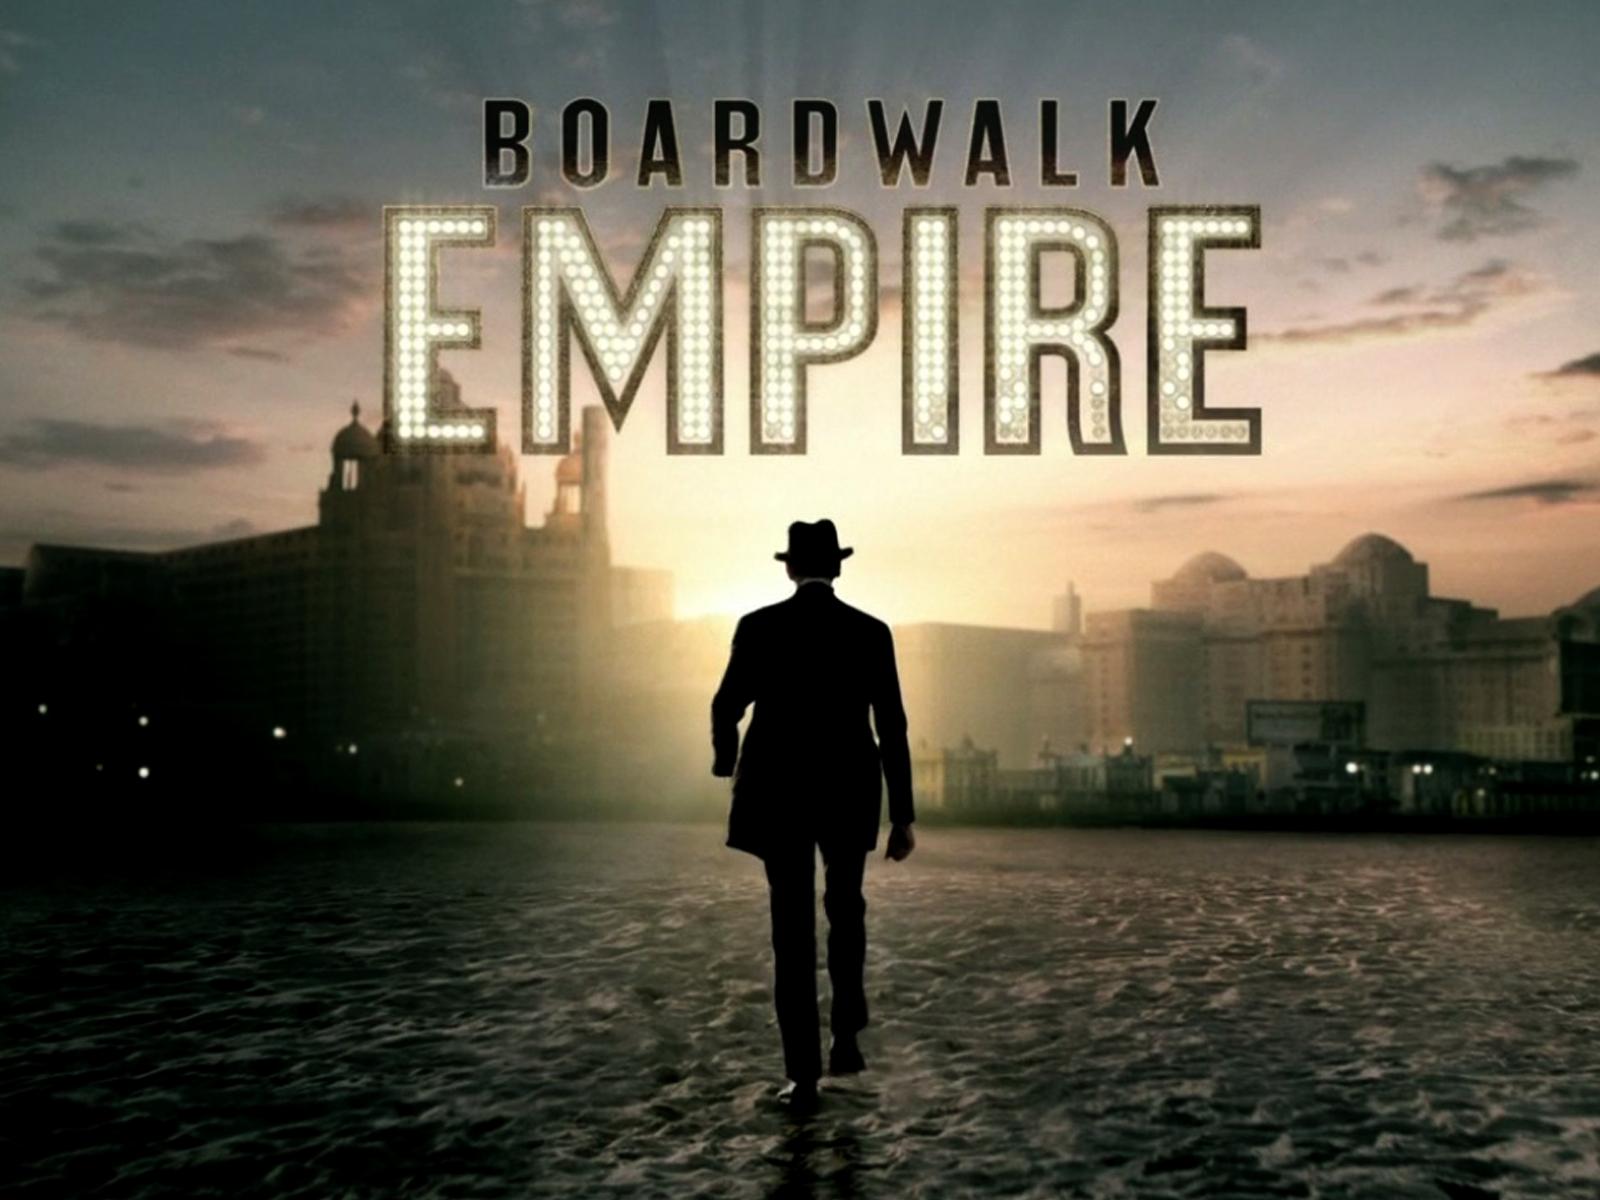 http://2.bp.blogspot.com/-MVXaKYFunRw/UH2uKnN8HeI/AAAAAAAAFfA/nOtB5jsR7LE/s1600/Boardwalk-Empire-HD-Wallpaper_Vvallpaper.Net.jpg